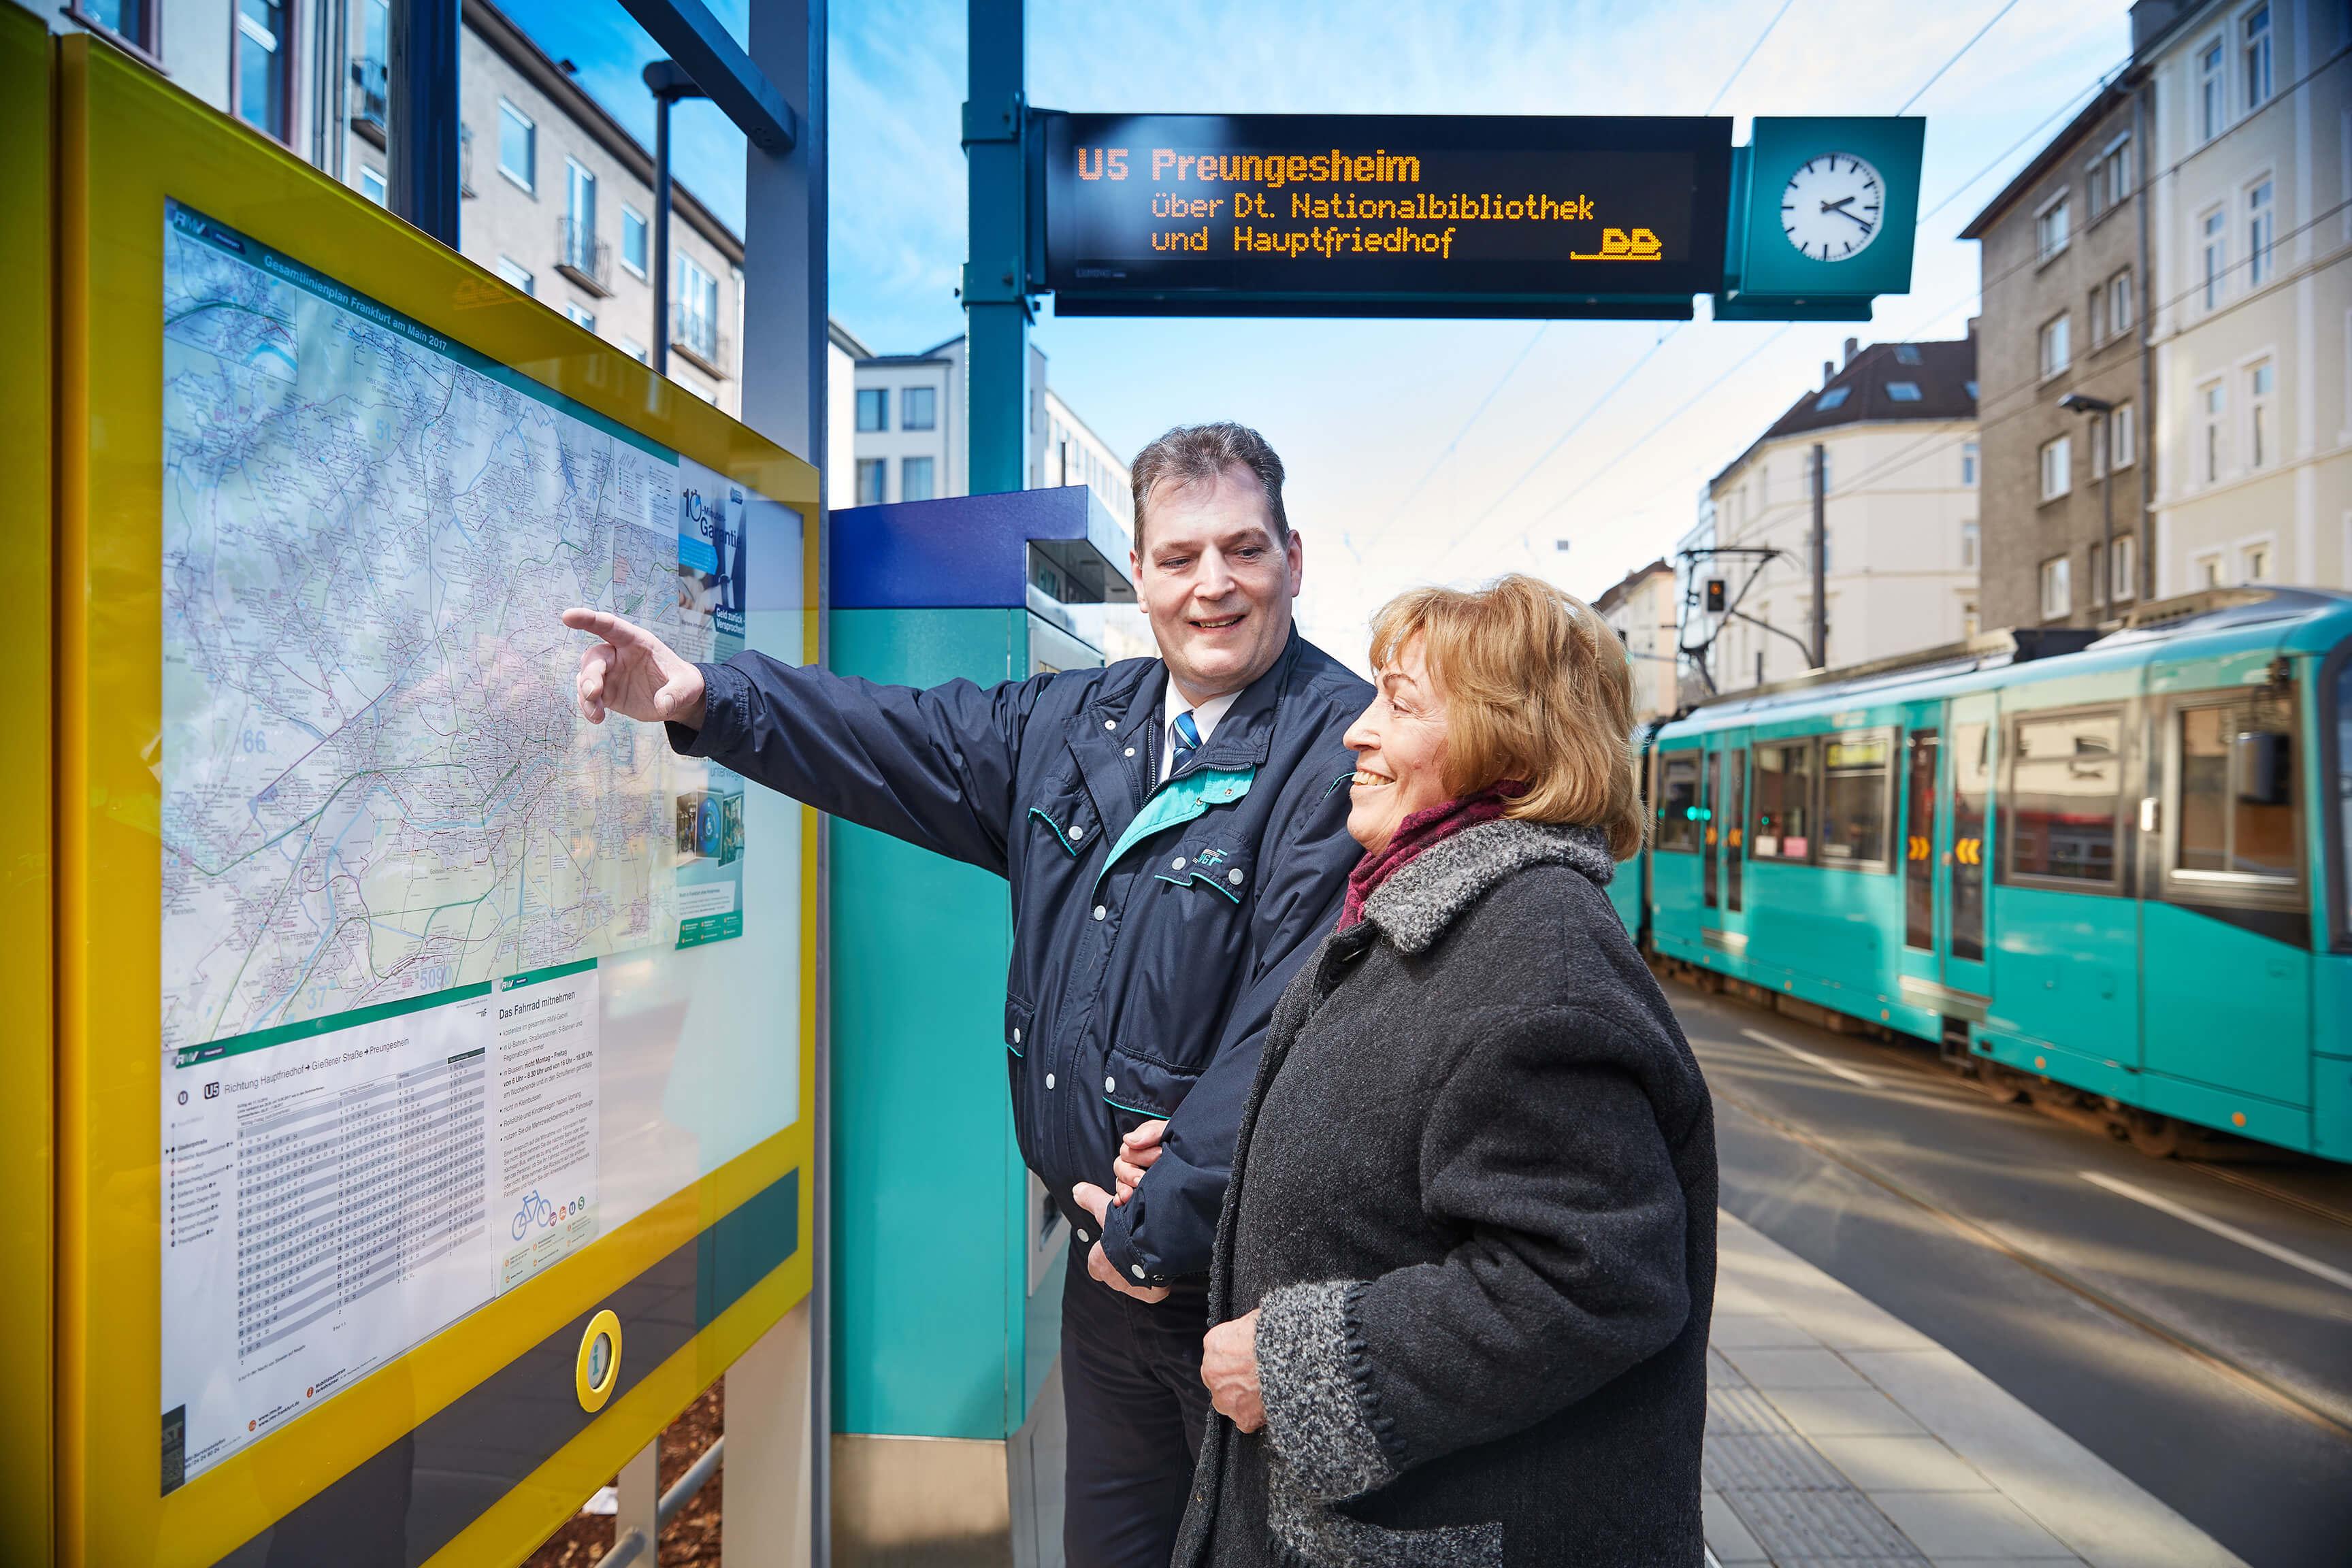 Mitarbeiter der VGF zeigt Dame den Fahrplan-Aushang am Bahnsteig.